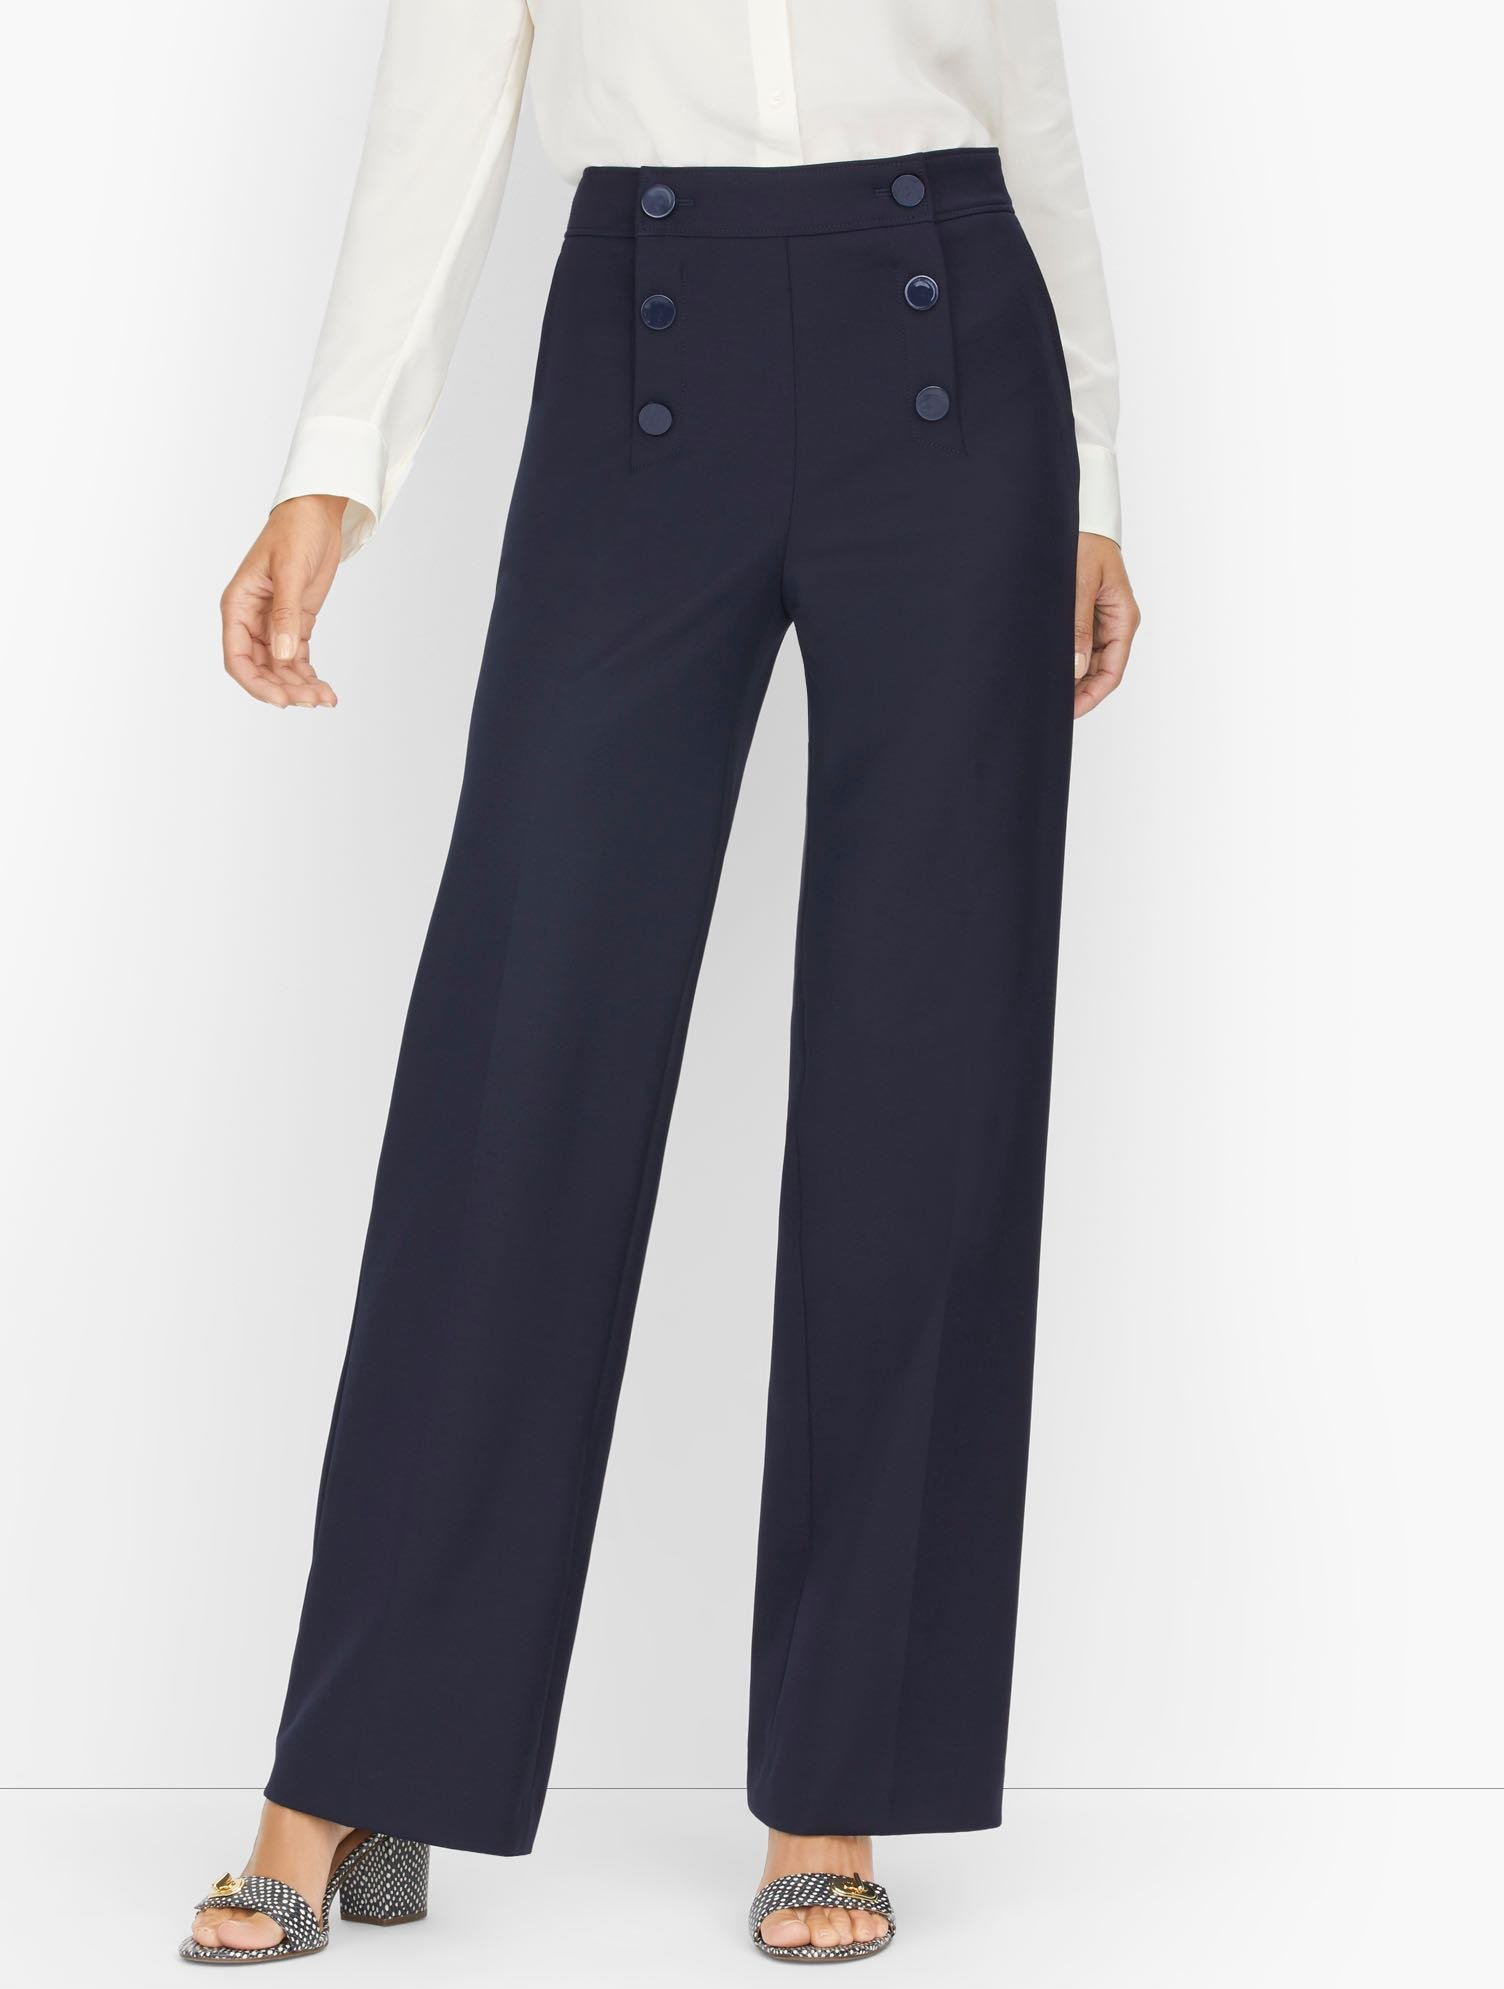 1940s Swing Pants & Sailor Trousers- Wide Leg, High Waist Wide Leg Sailor Pants - Blue - 16 Talbots $119.00 AT vintagedancer.com